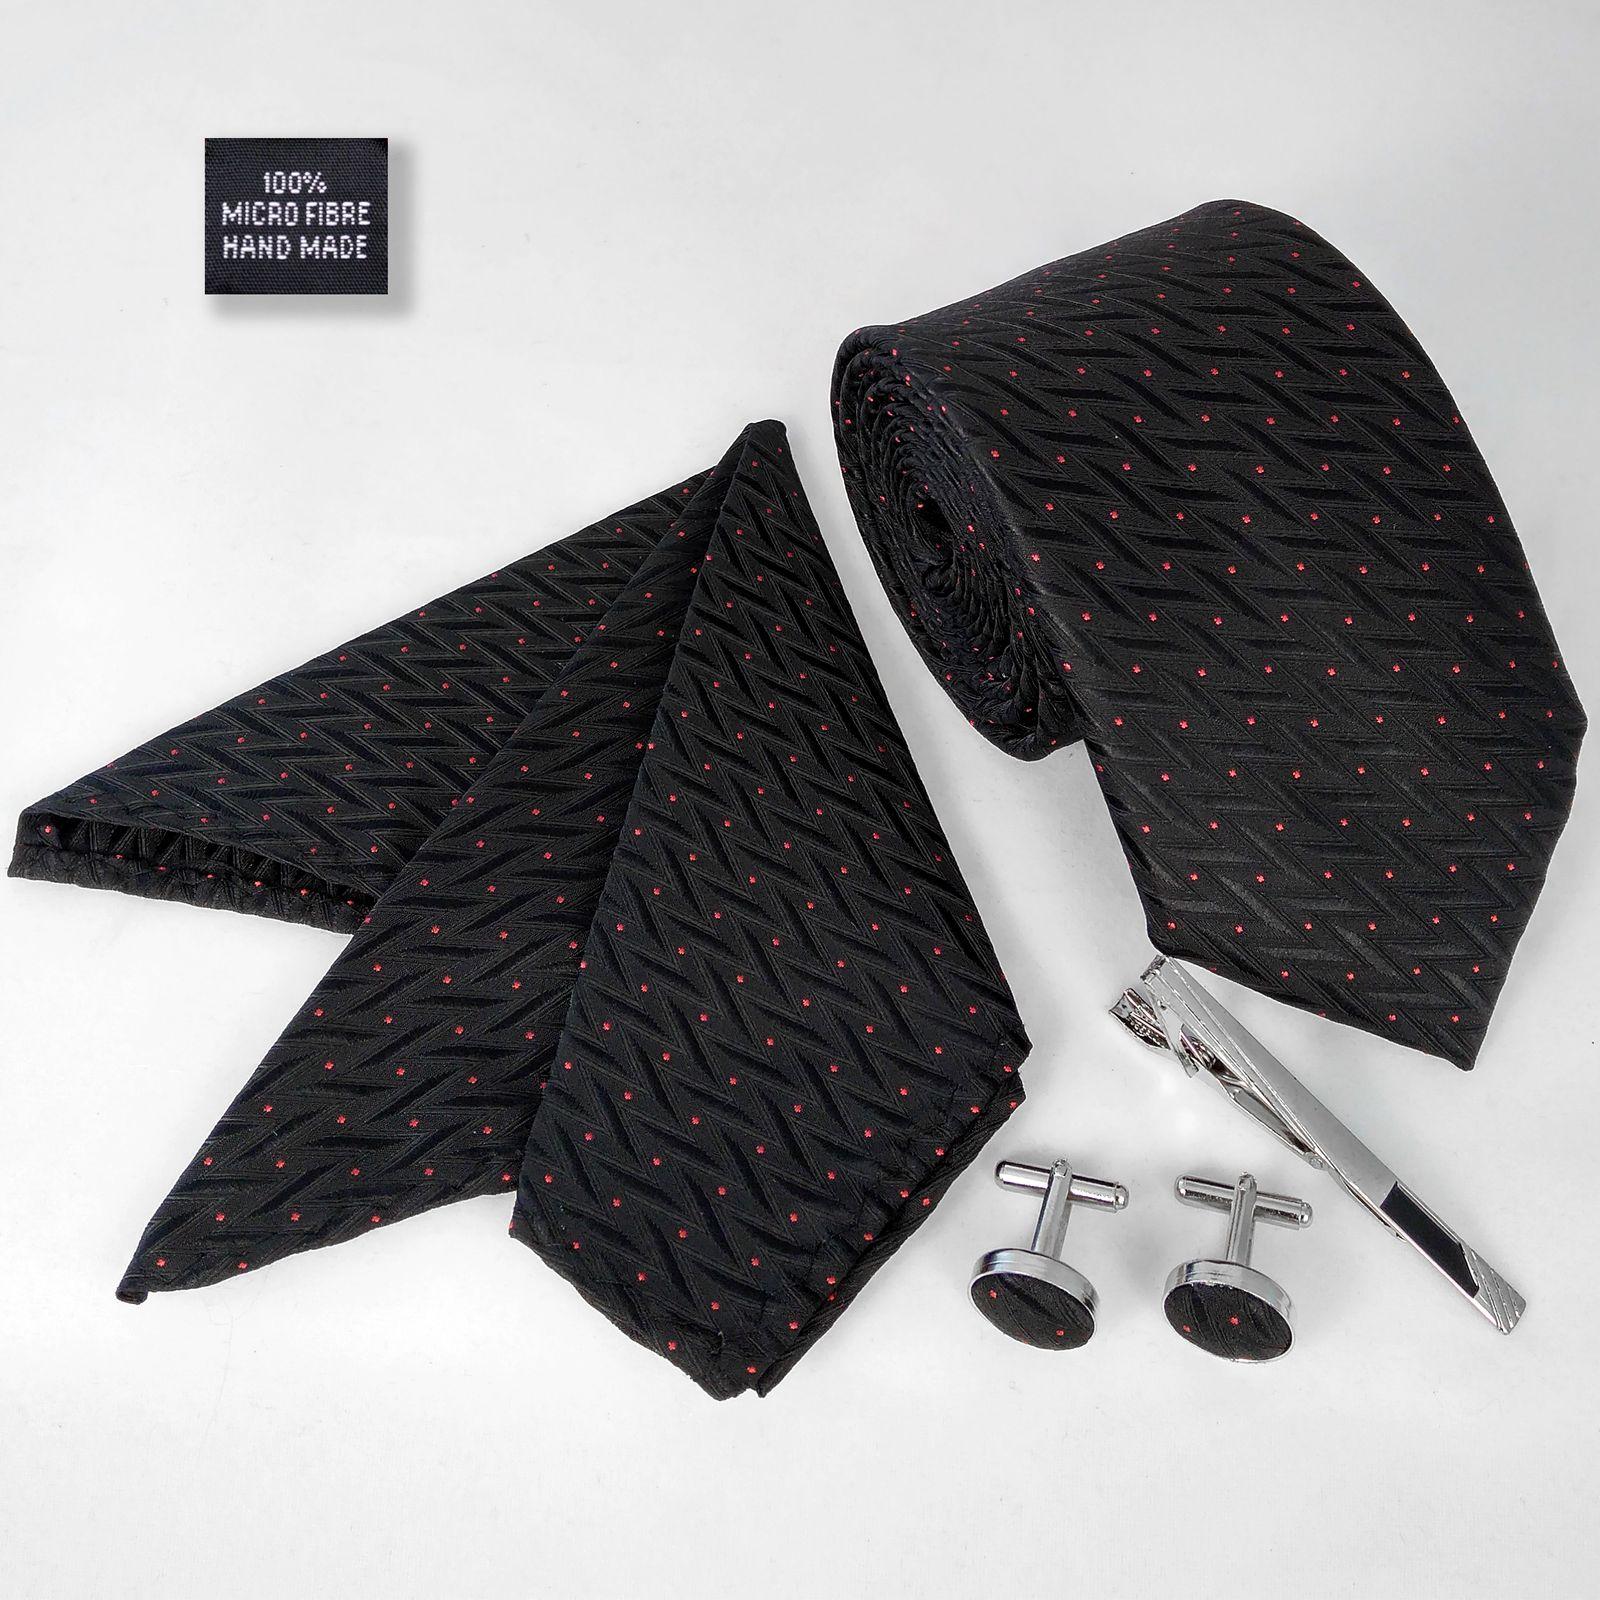 ست کراوات و دستمال جیب و دکمه سر دست مردانه کد 435 -  - 3